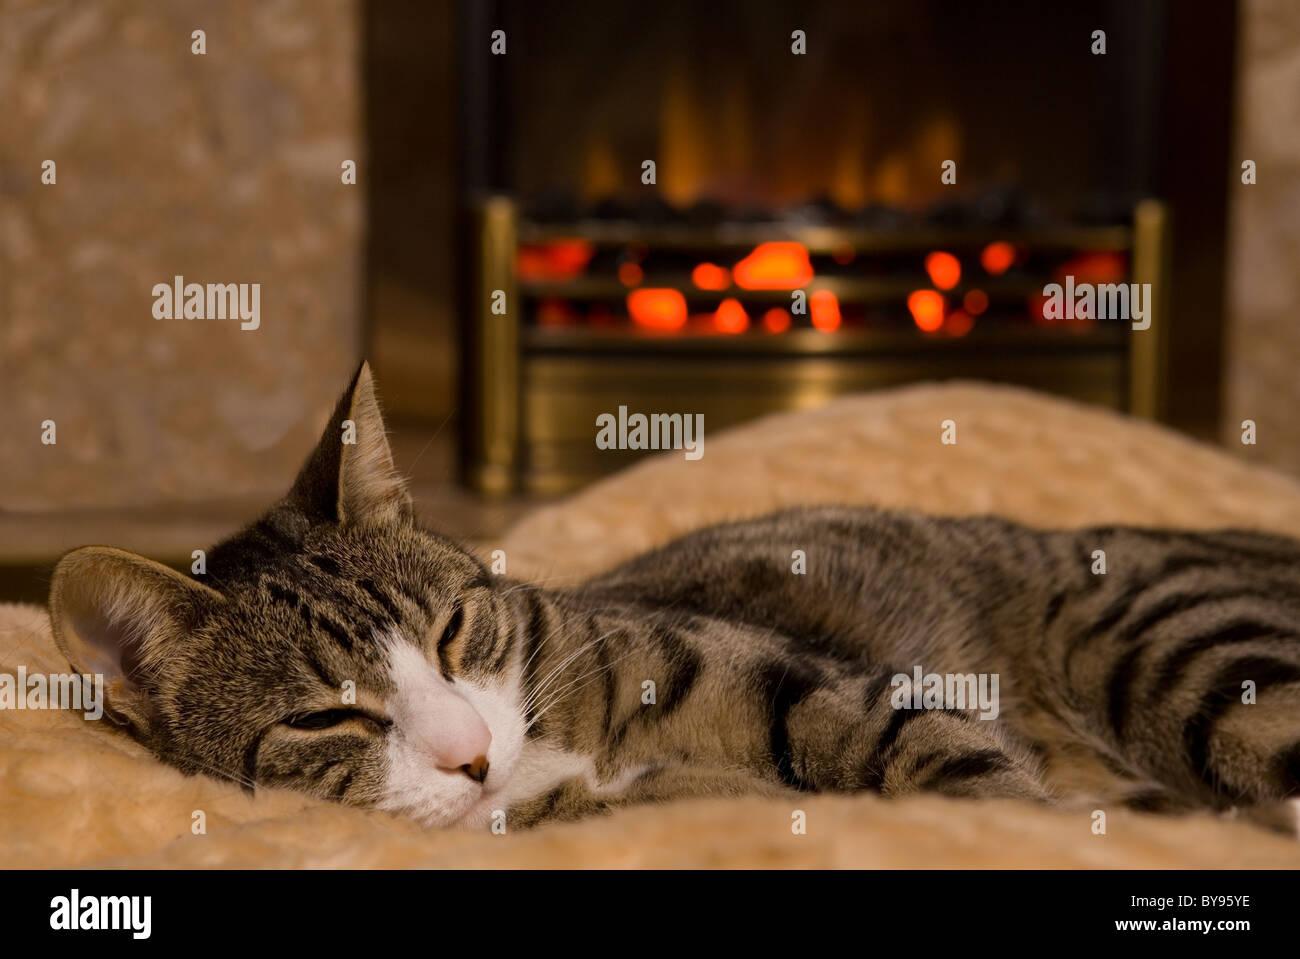 Gatto dorme da fuoco unica femmina adulta moggy cat in ambienti interni Immagini Stock